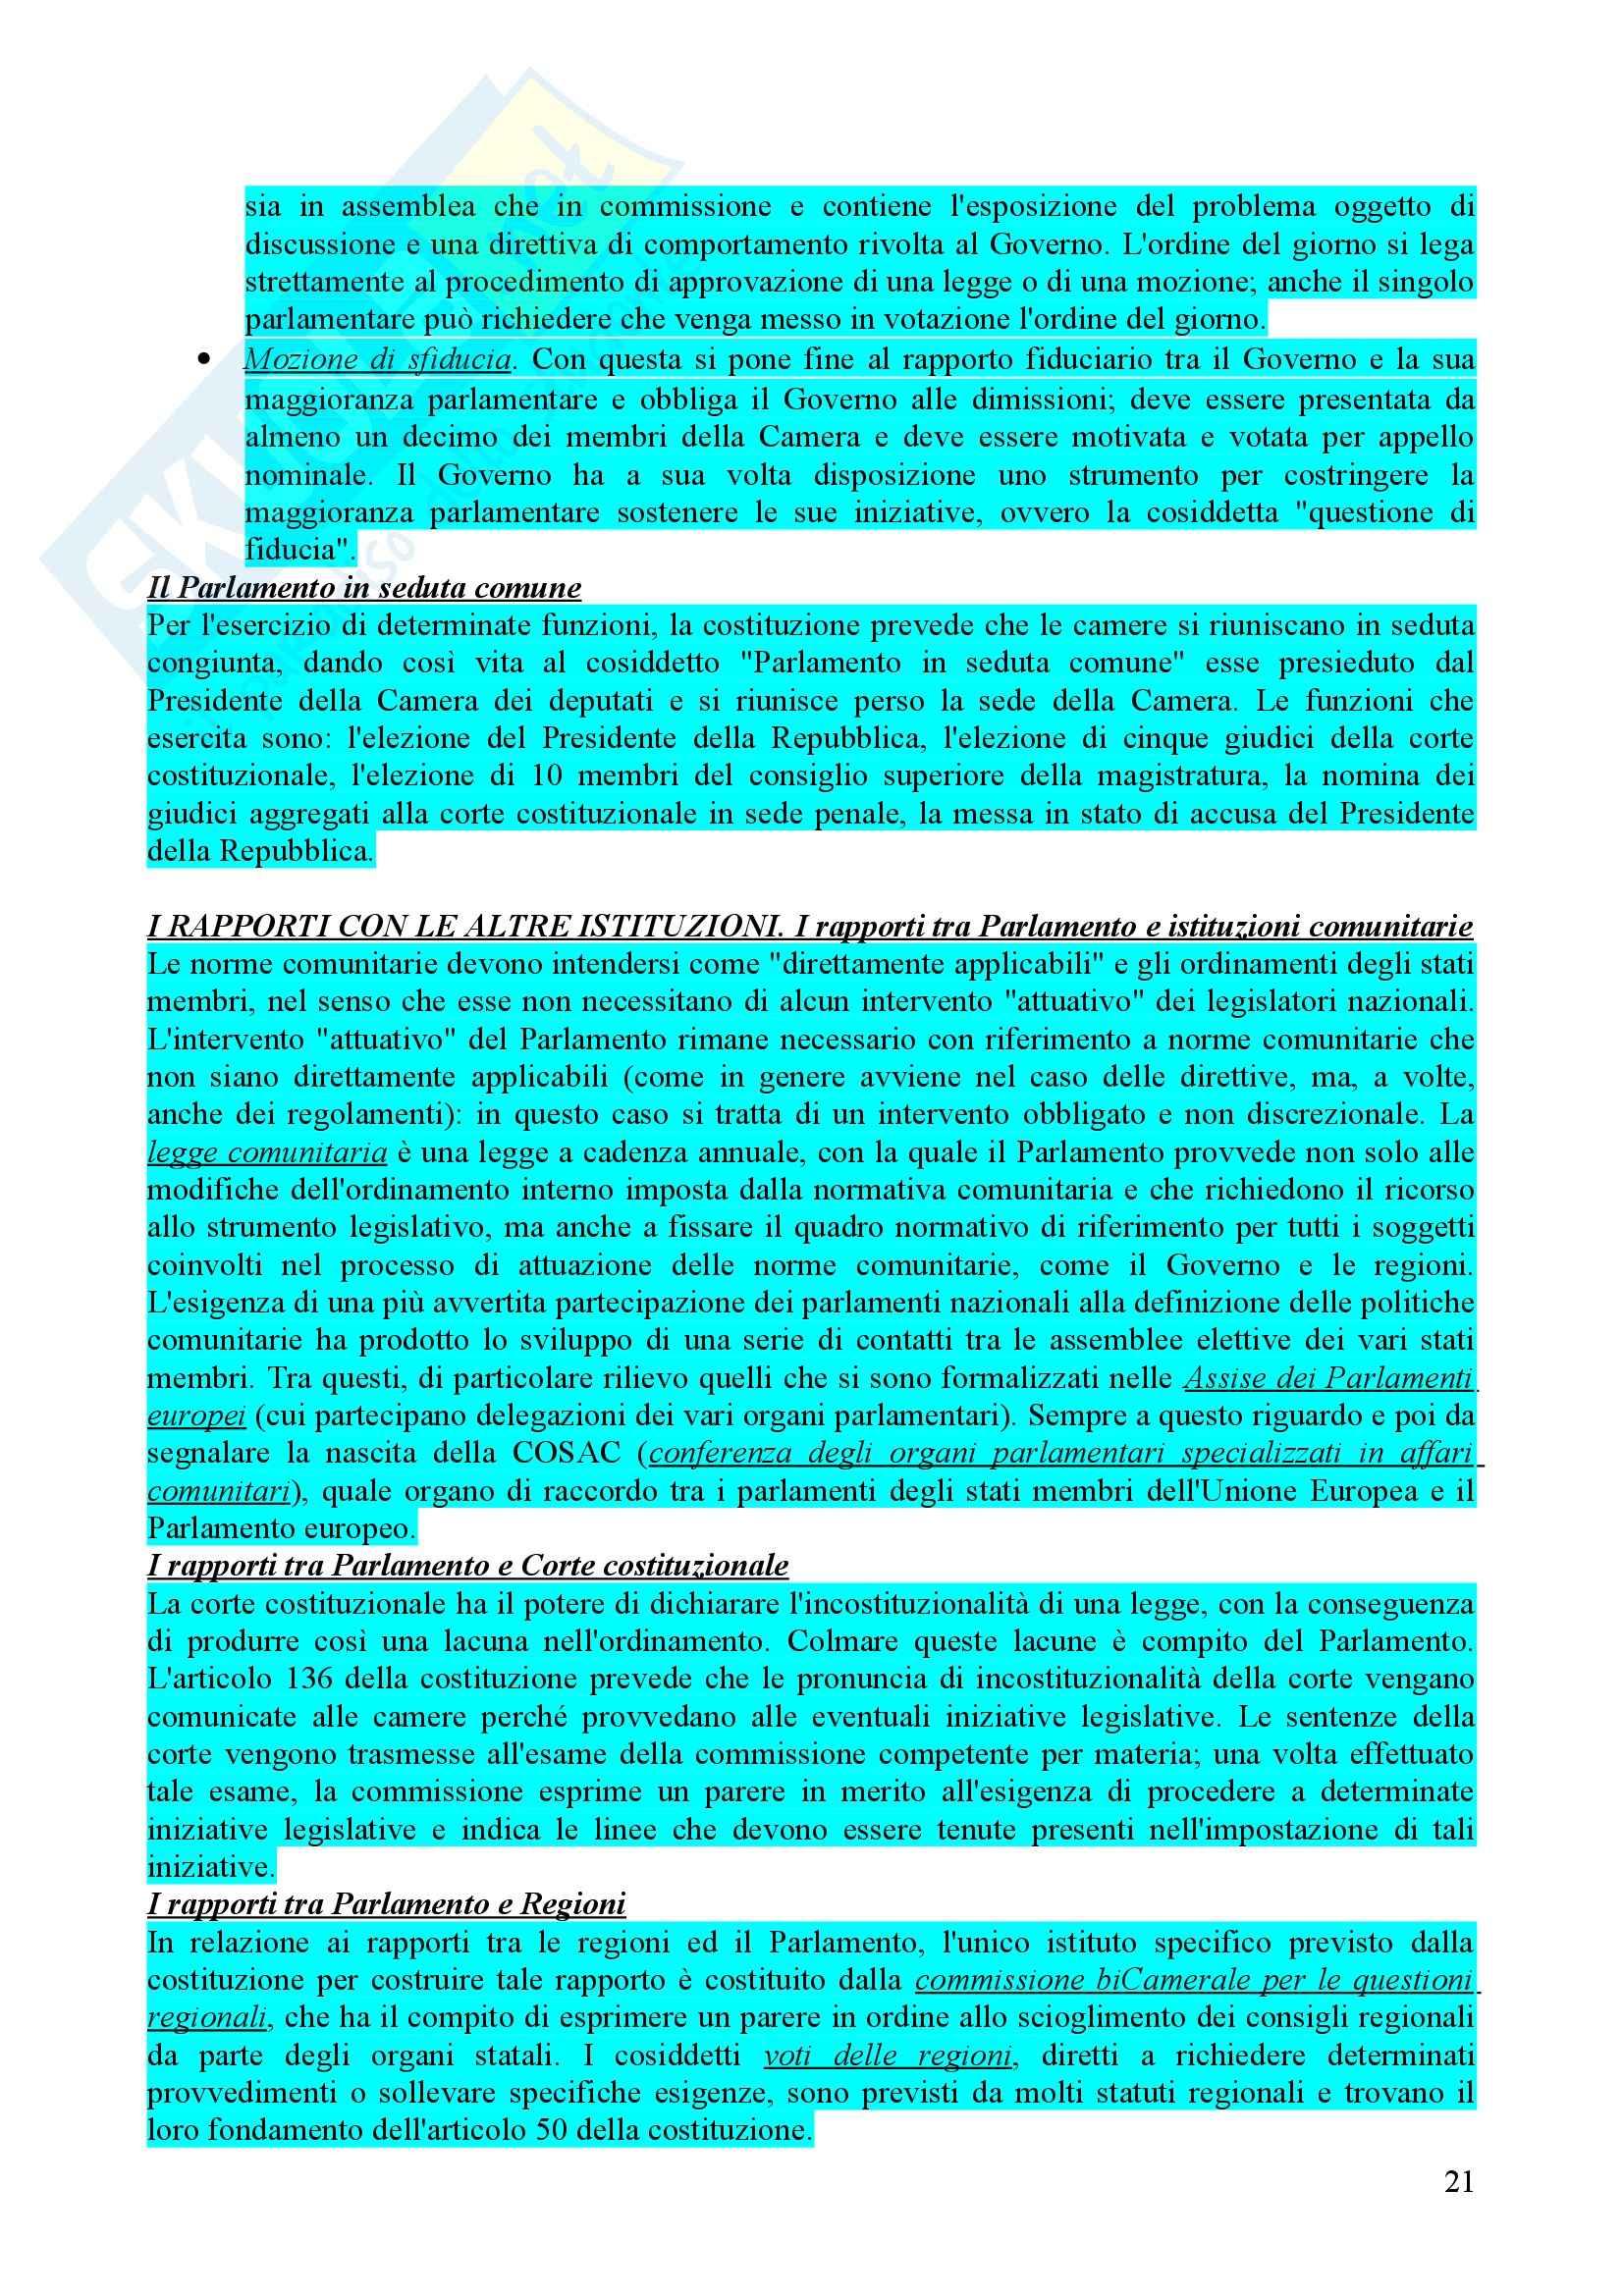 Riassunto esame diritto pubblico, prof. Caravita Pag. 21